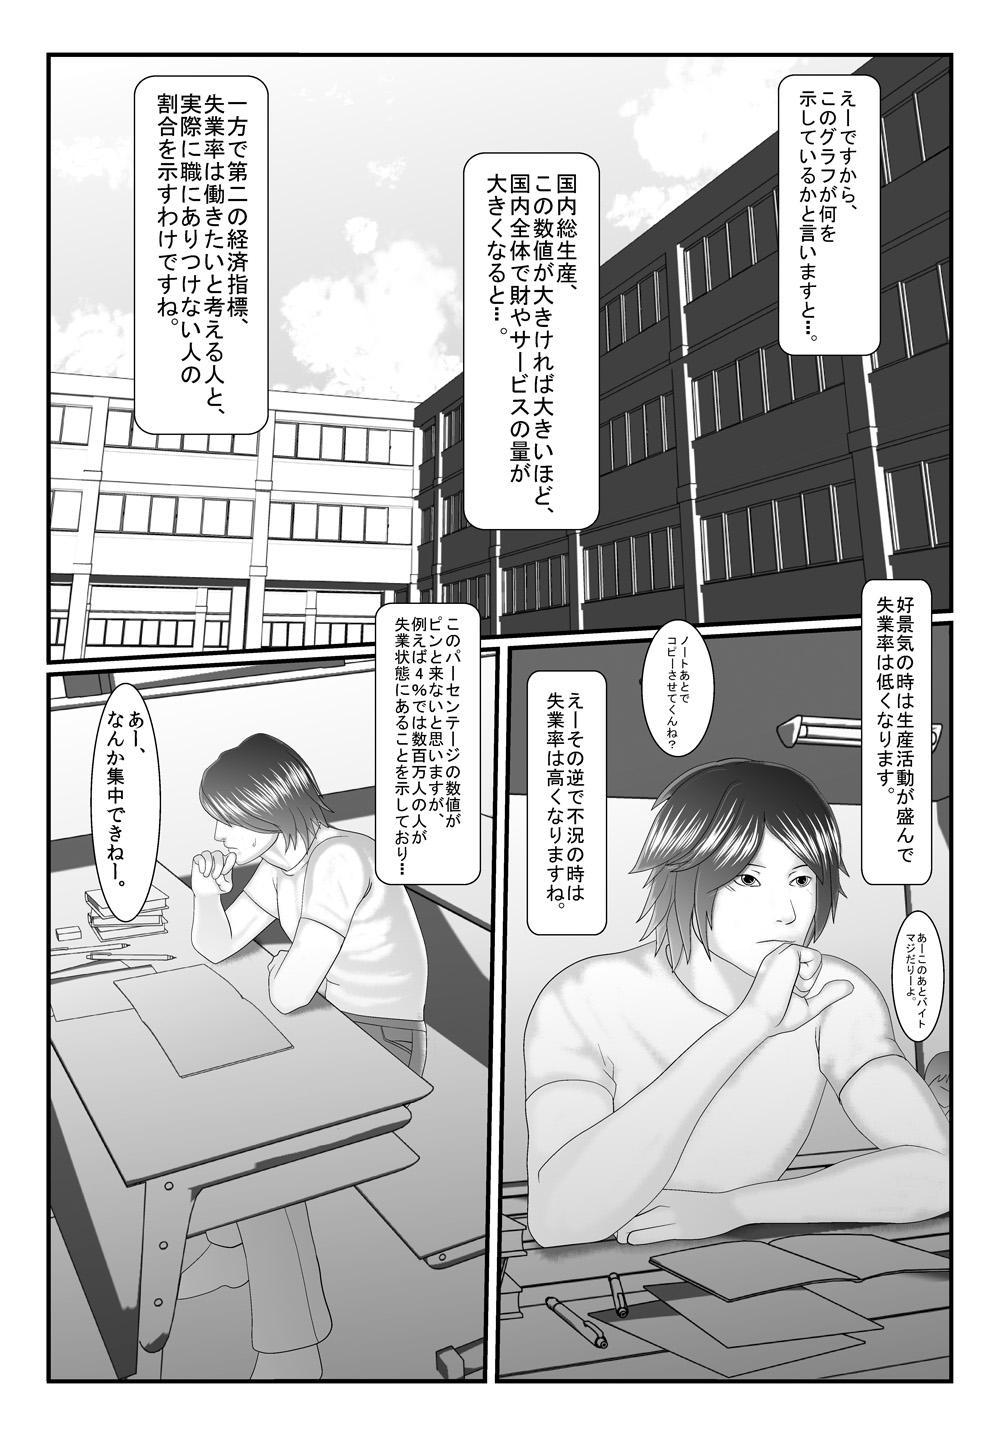 Ore no Juumai ga Razoku de Komaru - Ero Juukei × Juumai 7